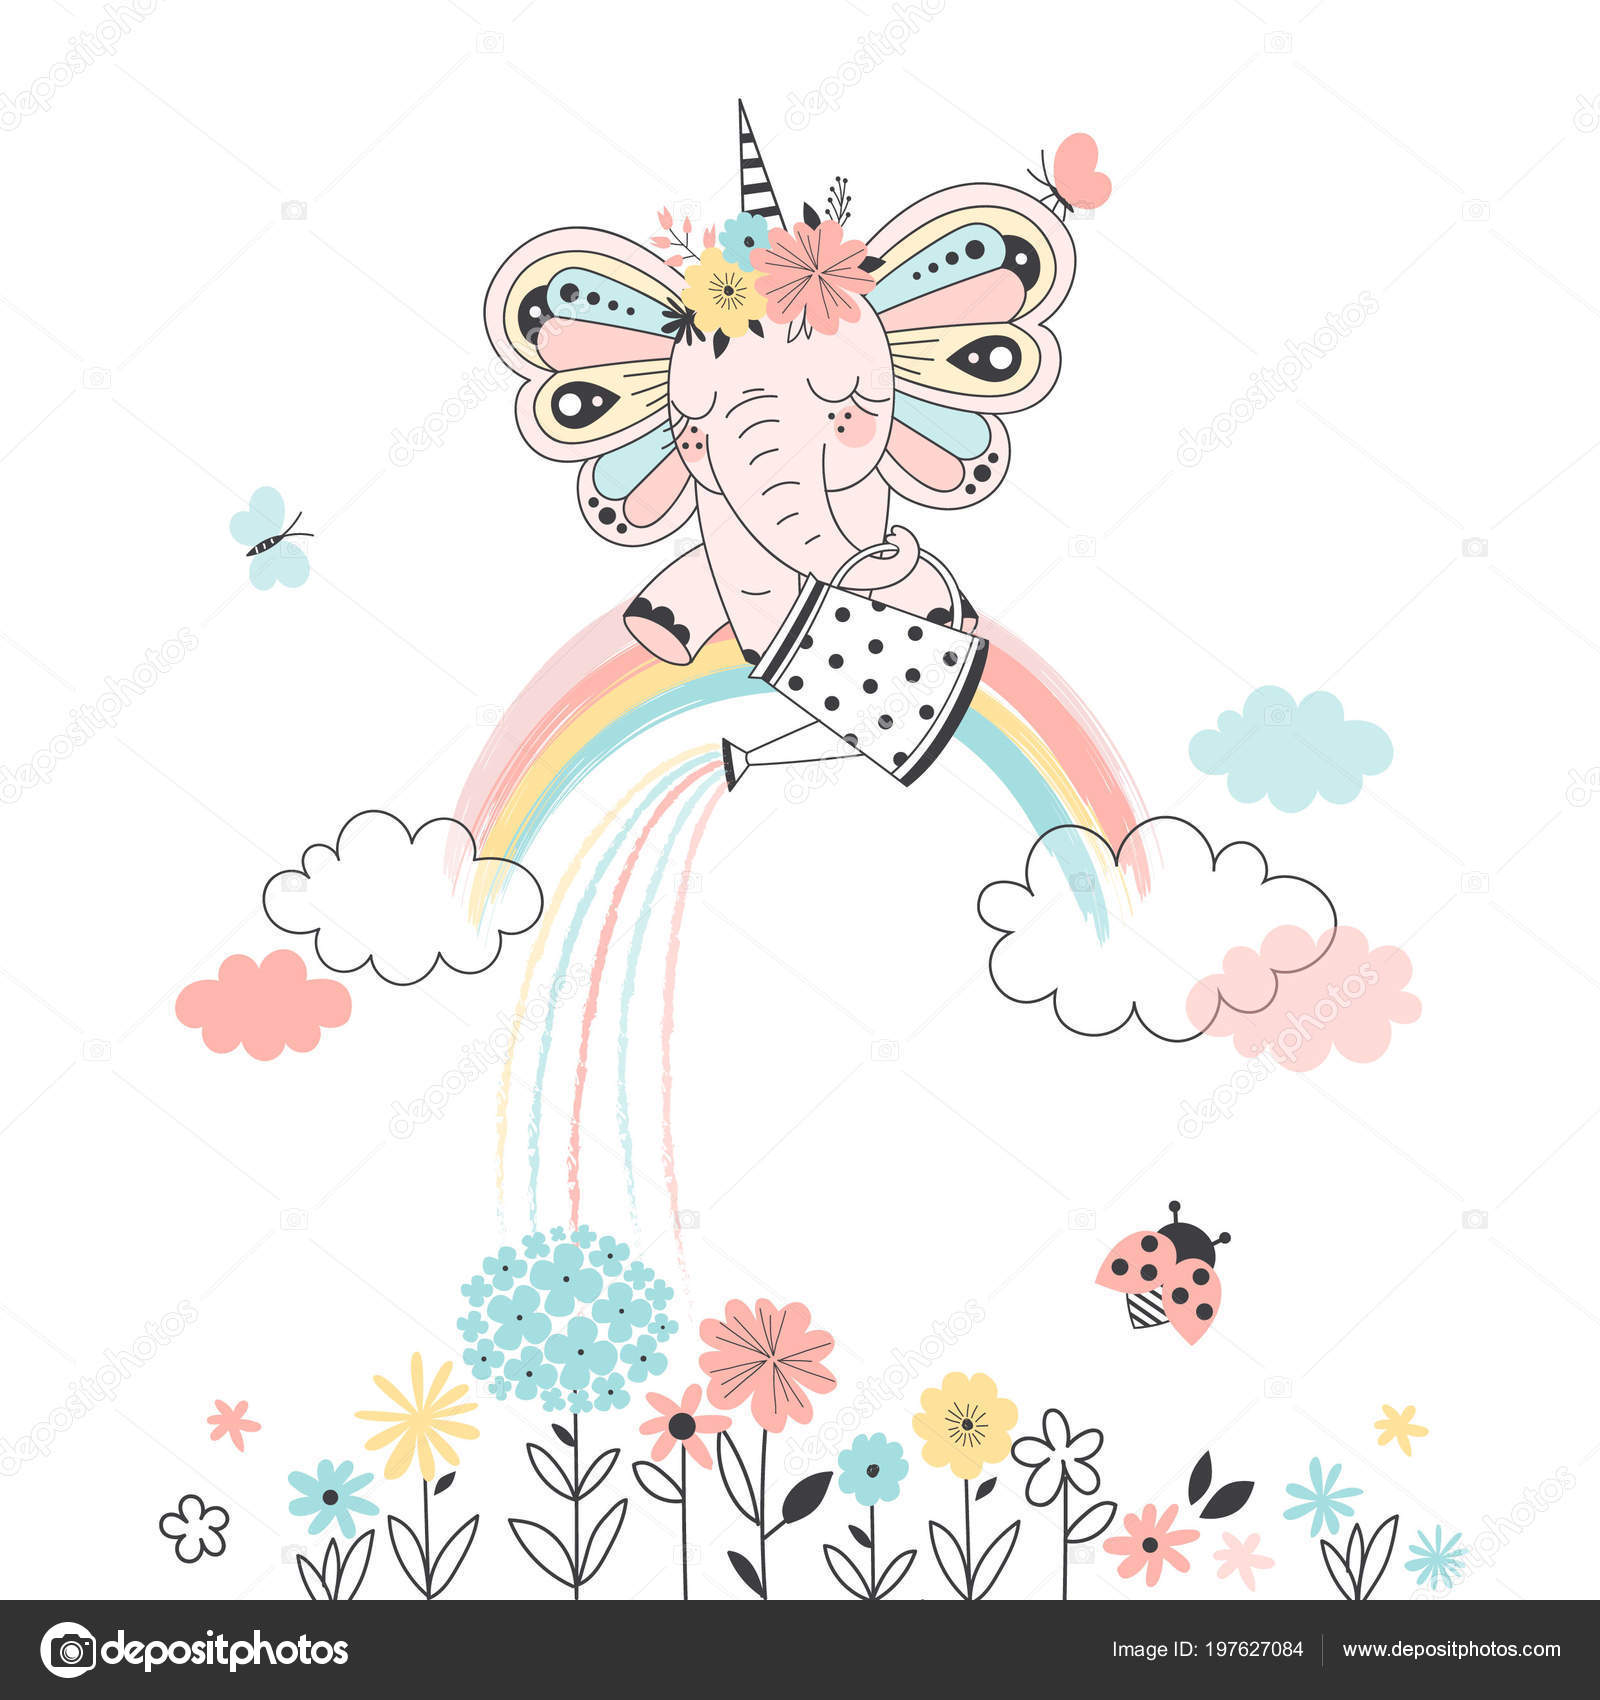 Полить цветы картинка для детей